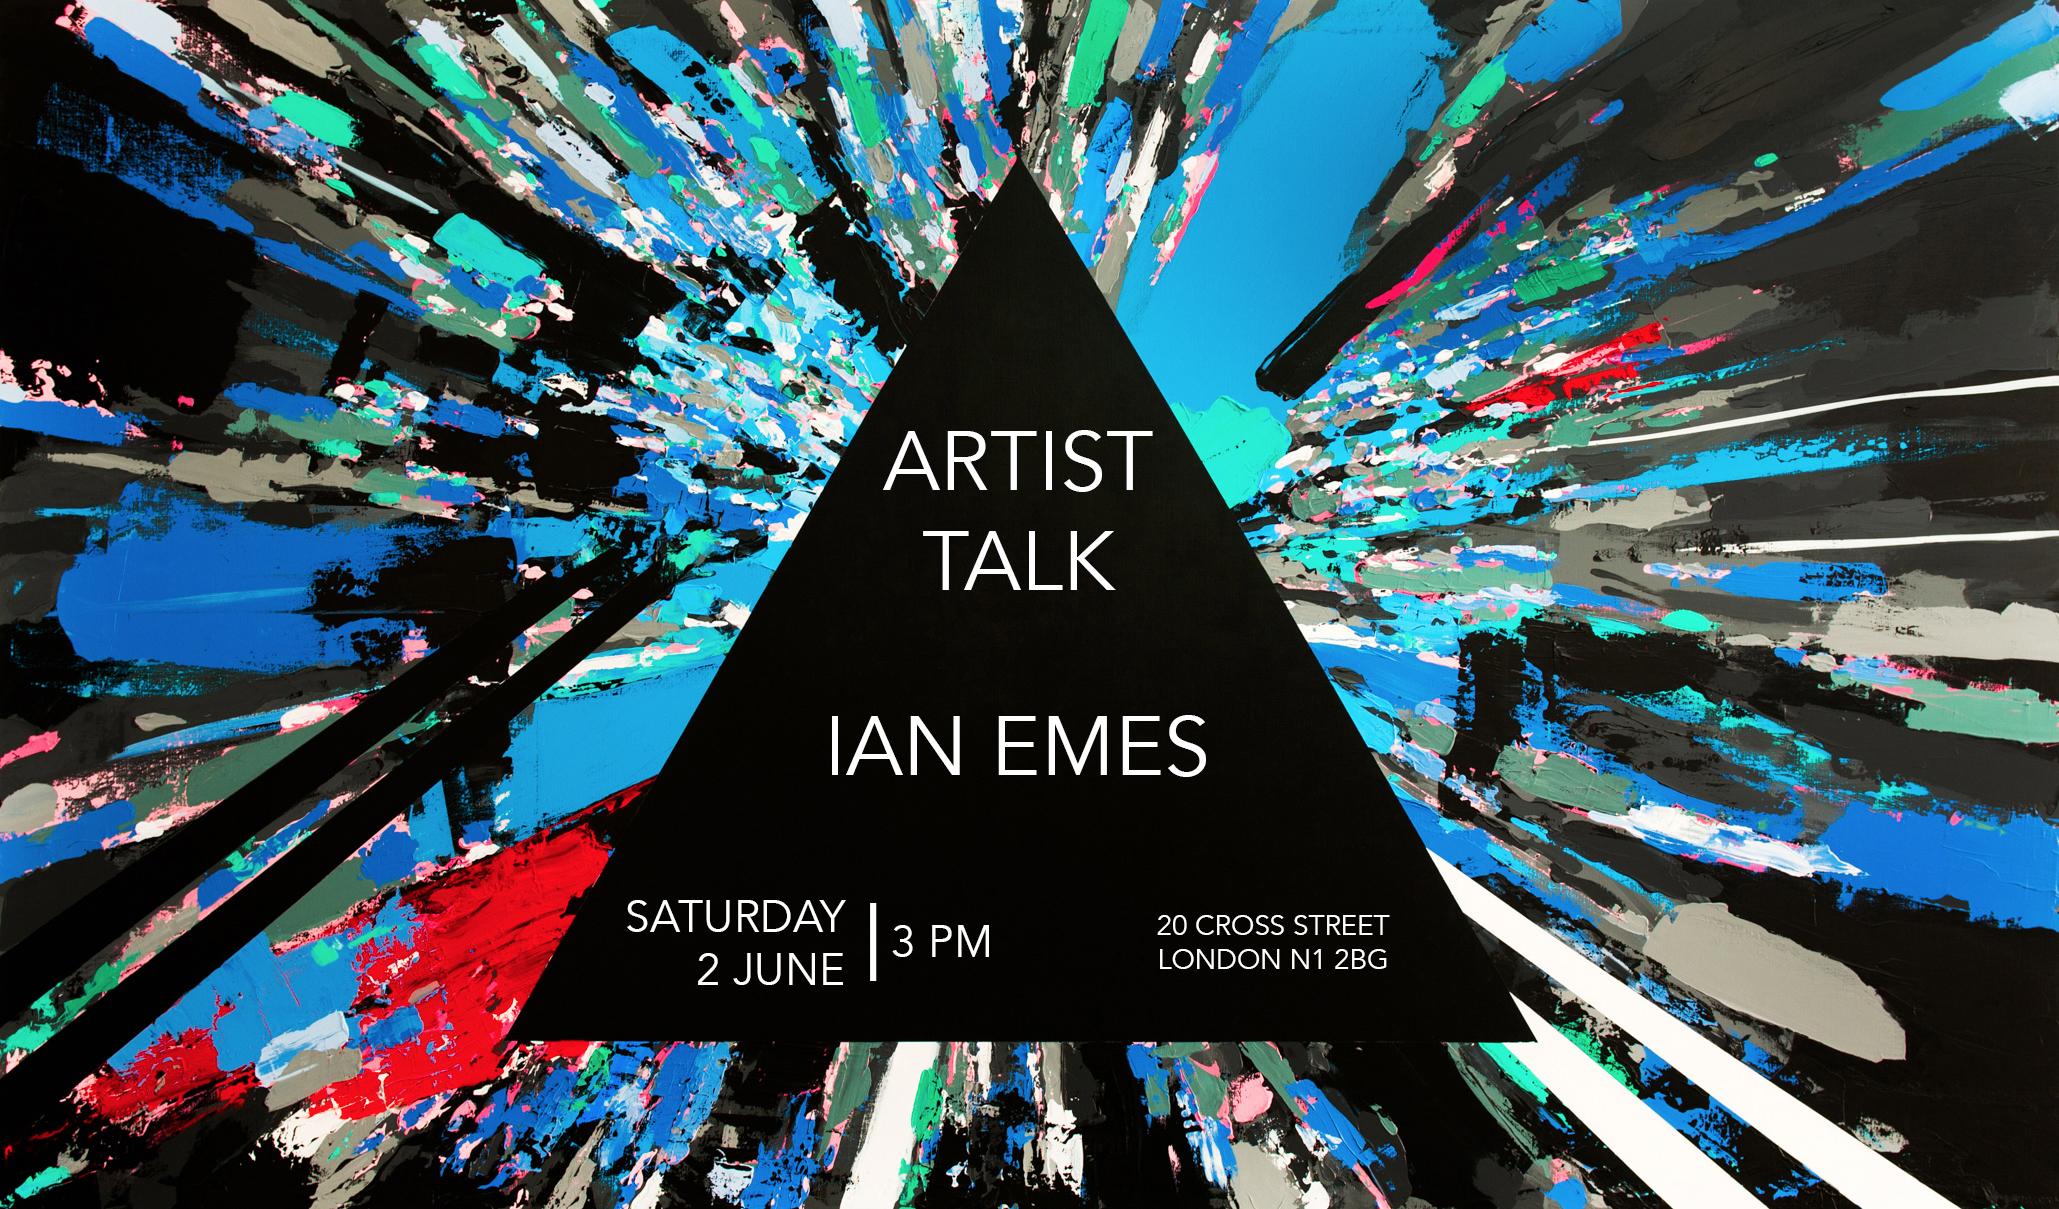 Artist Talk Ian Emes